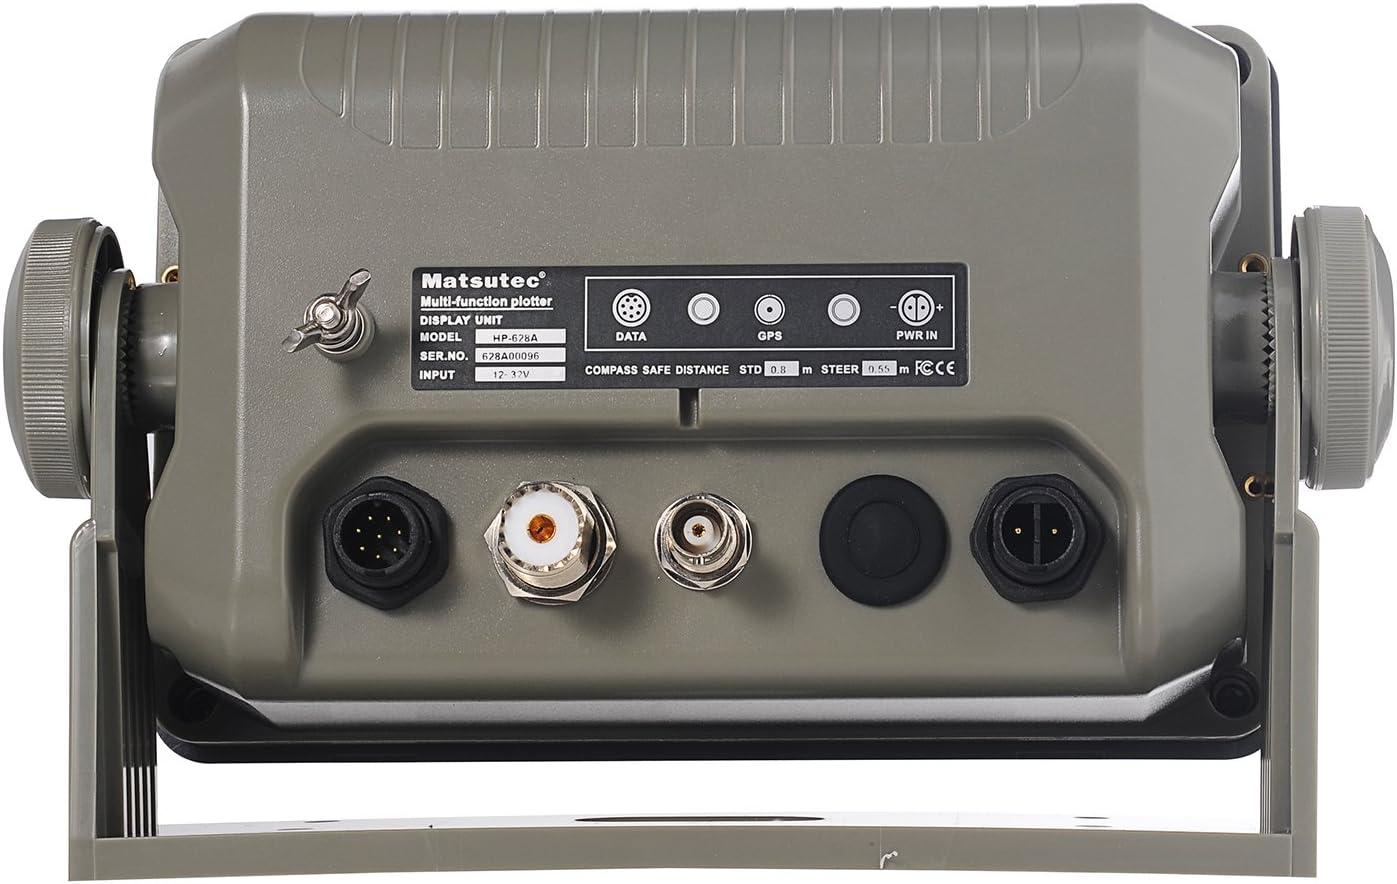 matsutec hp-628 a 5.6